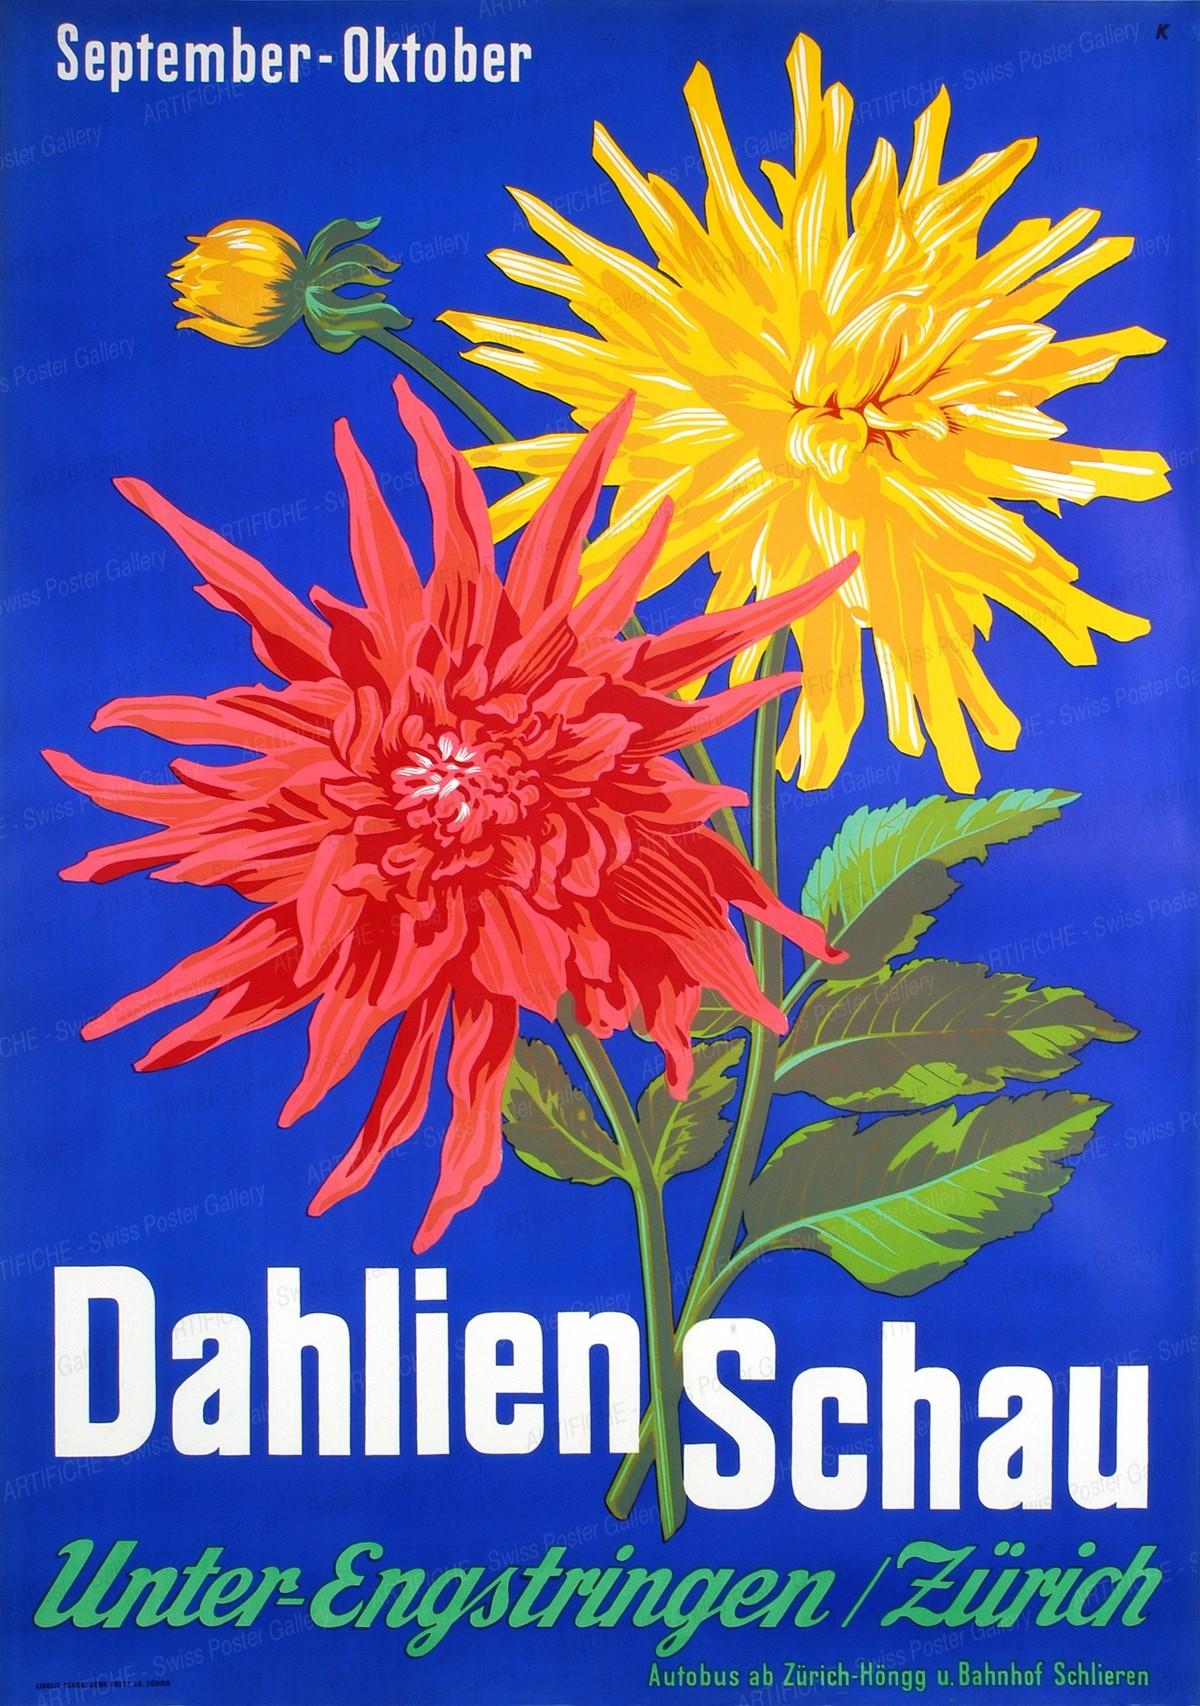 Dahlienschau Unterengstringen Zürich, Leo Keck